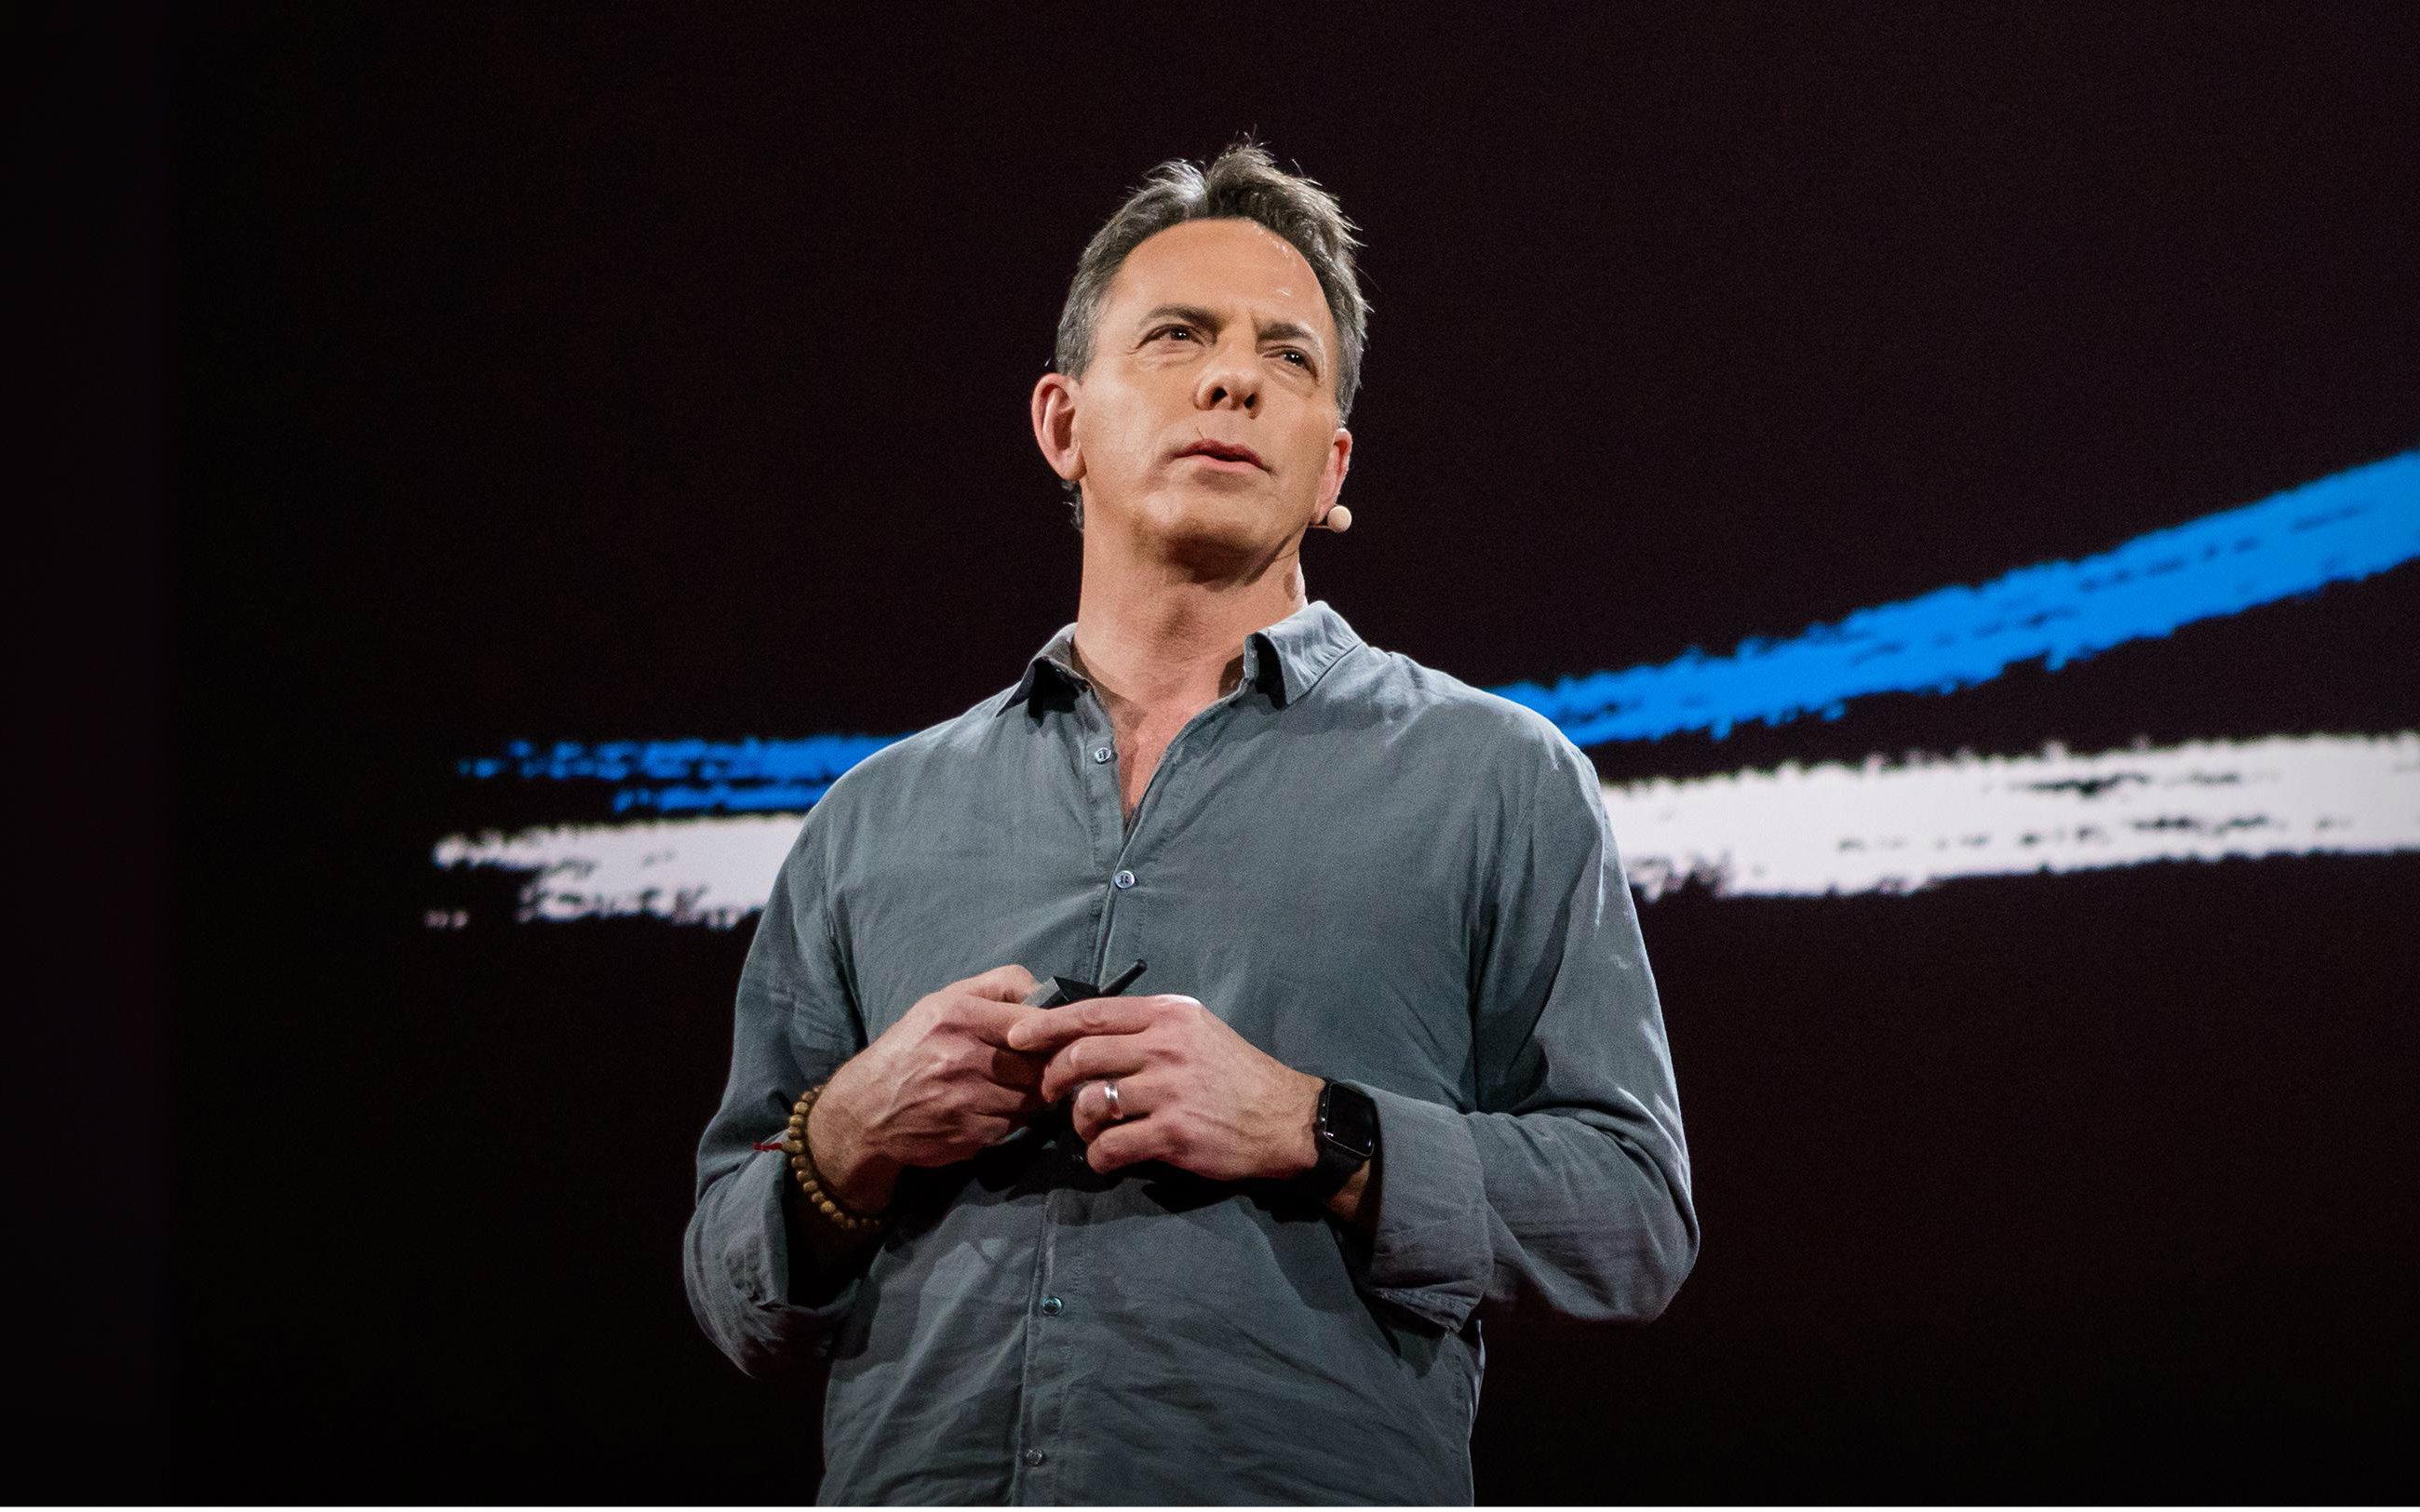 最受欢迎ted演讲排名